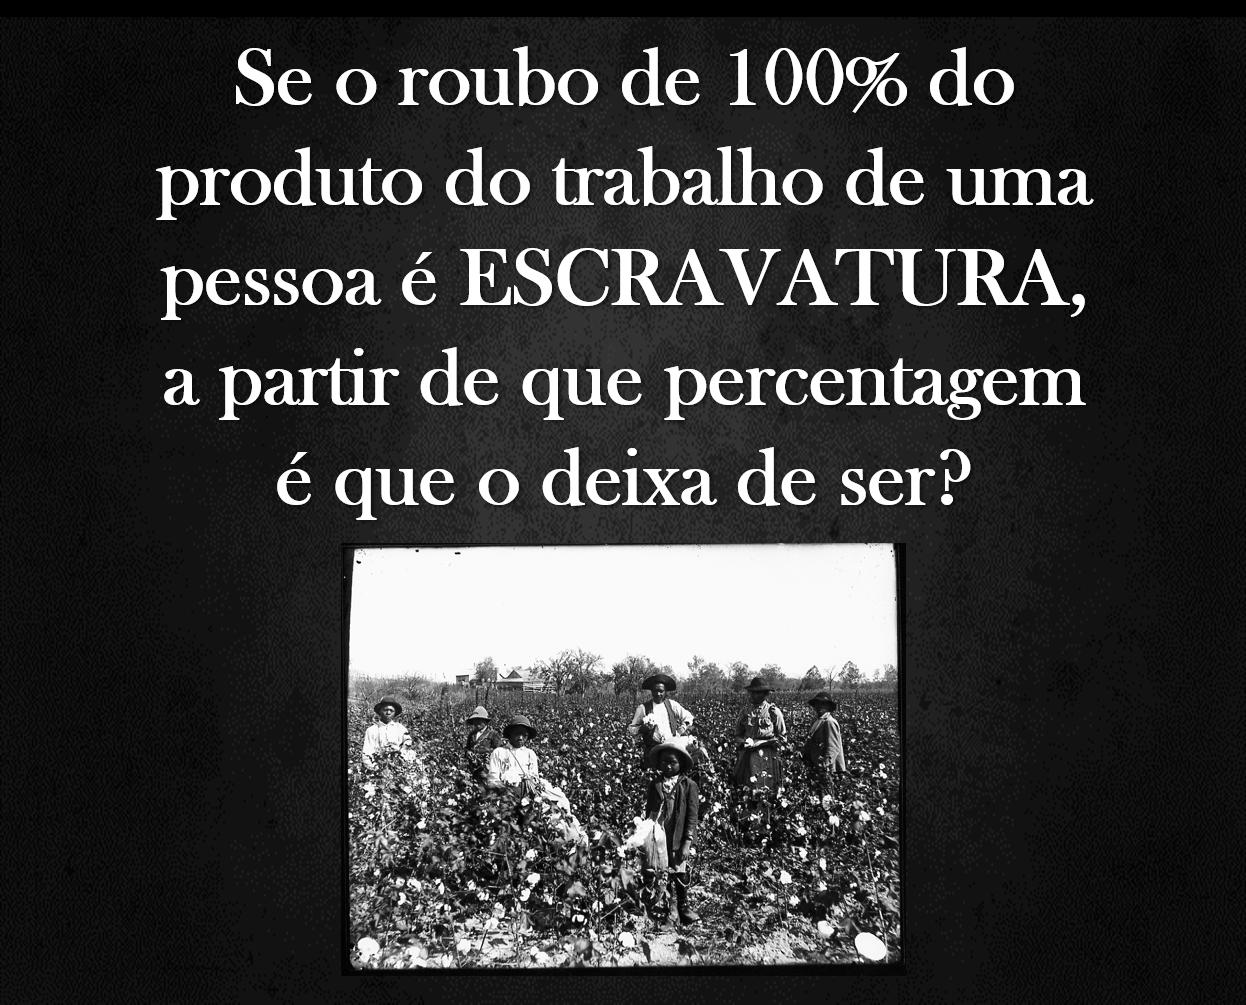 Escravatura